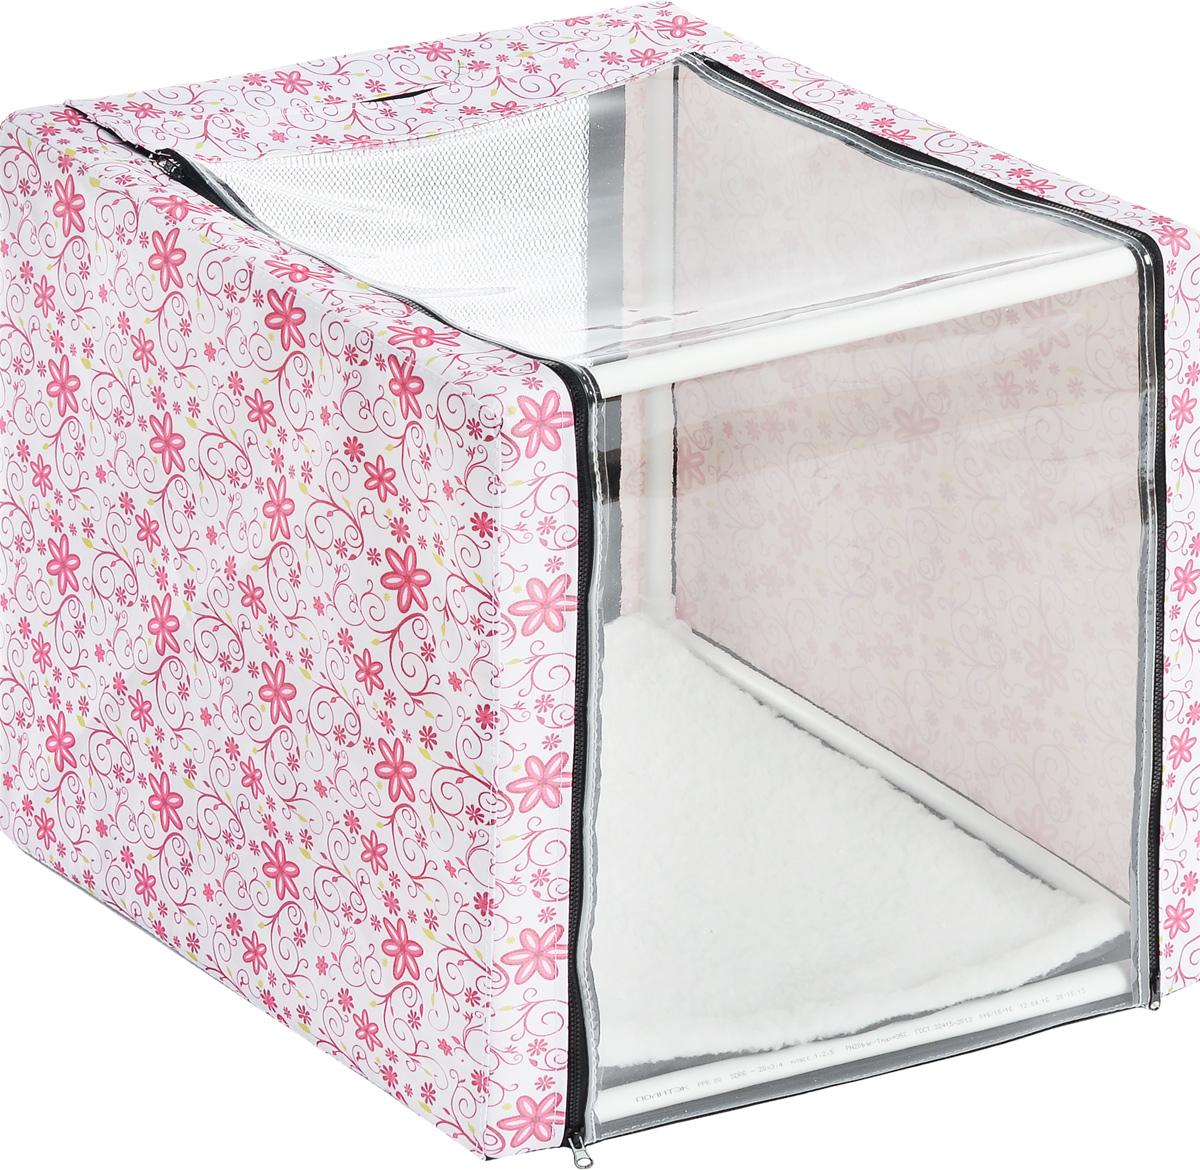 Клетка для животных Elite Valley, выставочная, цвет: белый, розовый, зеленый, 56 х 56 х 56 смК-11/1_цветы на беломКлетка Elite Valley предназначена для показа кошек и собак на выставках. Она выполнена из плотного текстиля, каркас - пластиковые трубки. Клетка оснащена пленкой и сеткой. Внутри имеется мягкая подстилка, выполненная из искусственного меха. Боковые стенки закрываются на замки-молнии. Палатка быстро собирается и разбирается. В комплекте сумка-чехол для удобной транспортировки.